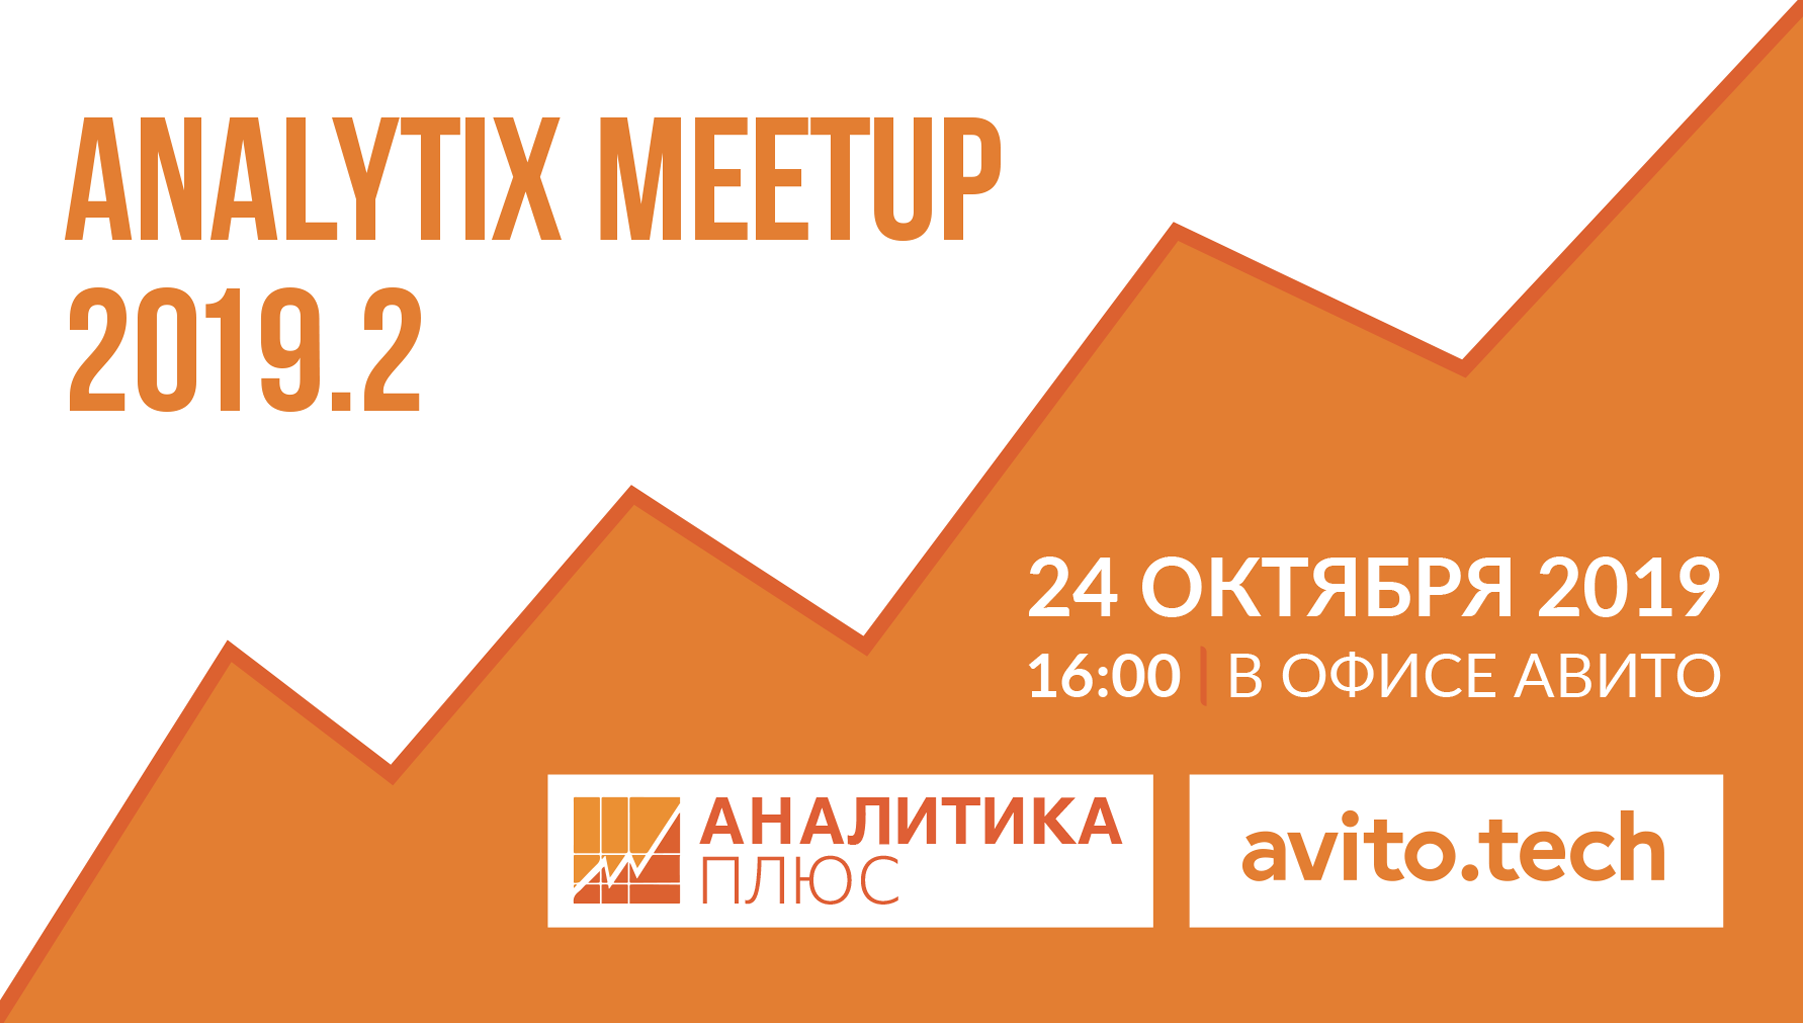 Analytix meetup 2019.2